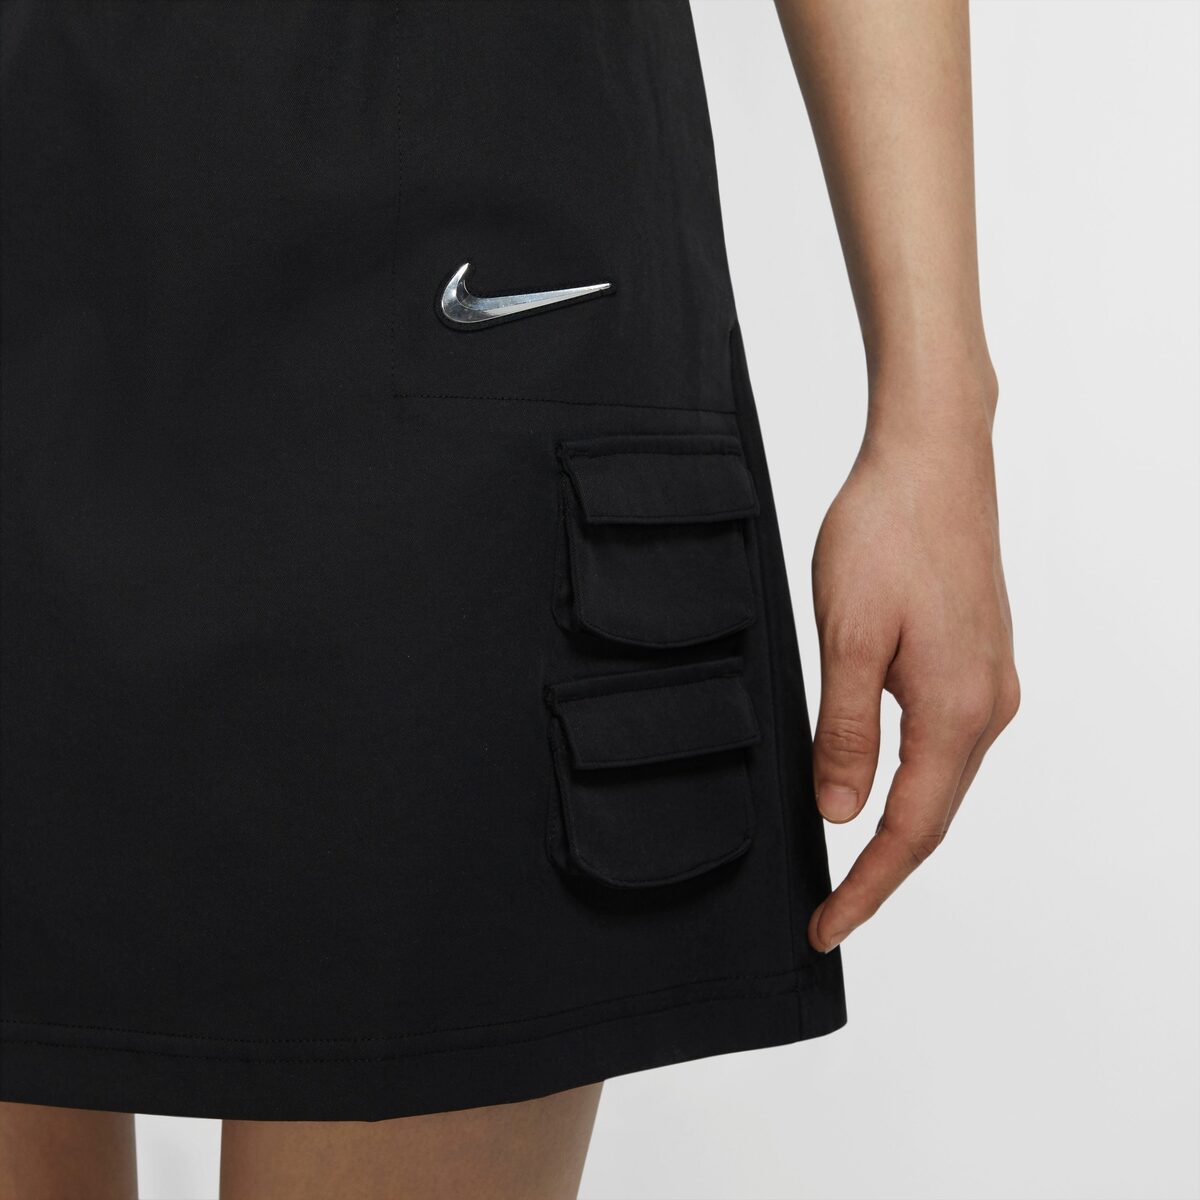 Bild 3 von Nike Sportswear Minirock »Nike Sportswear Swoosh Women's Skirt«